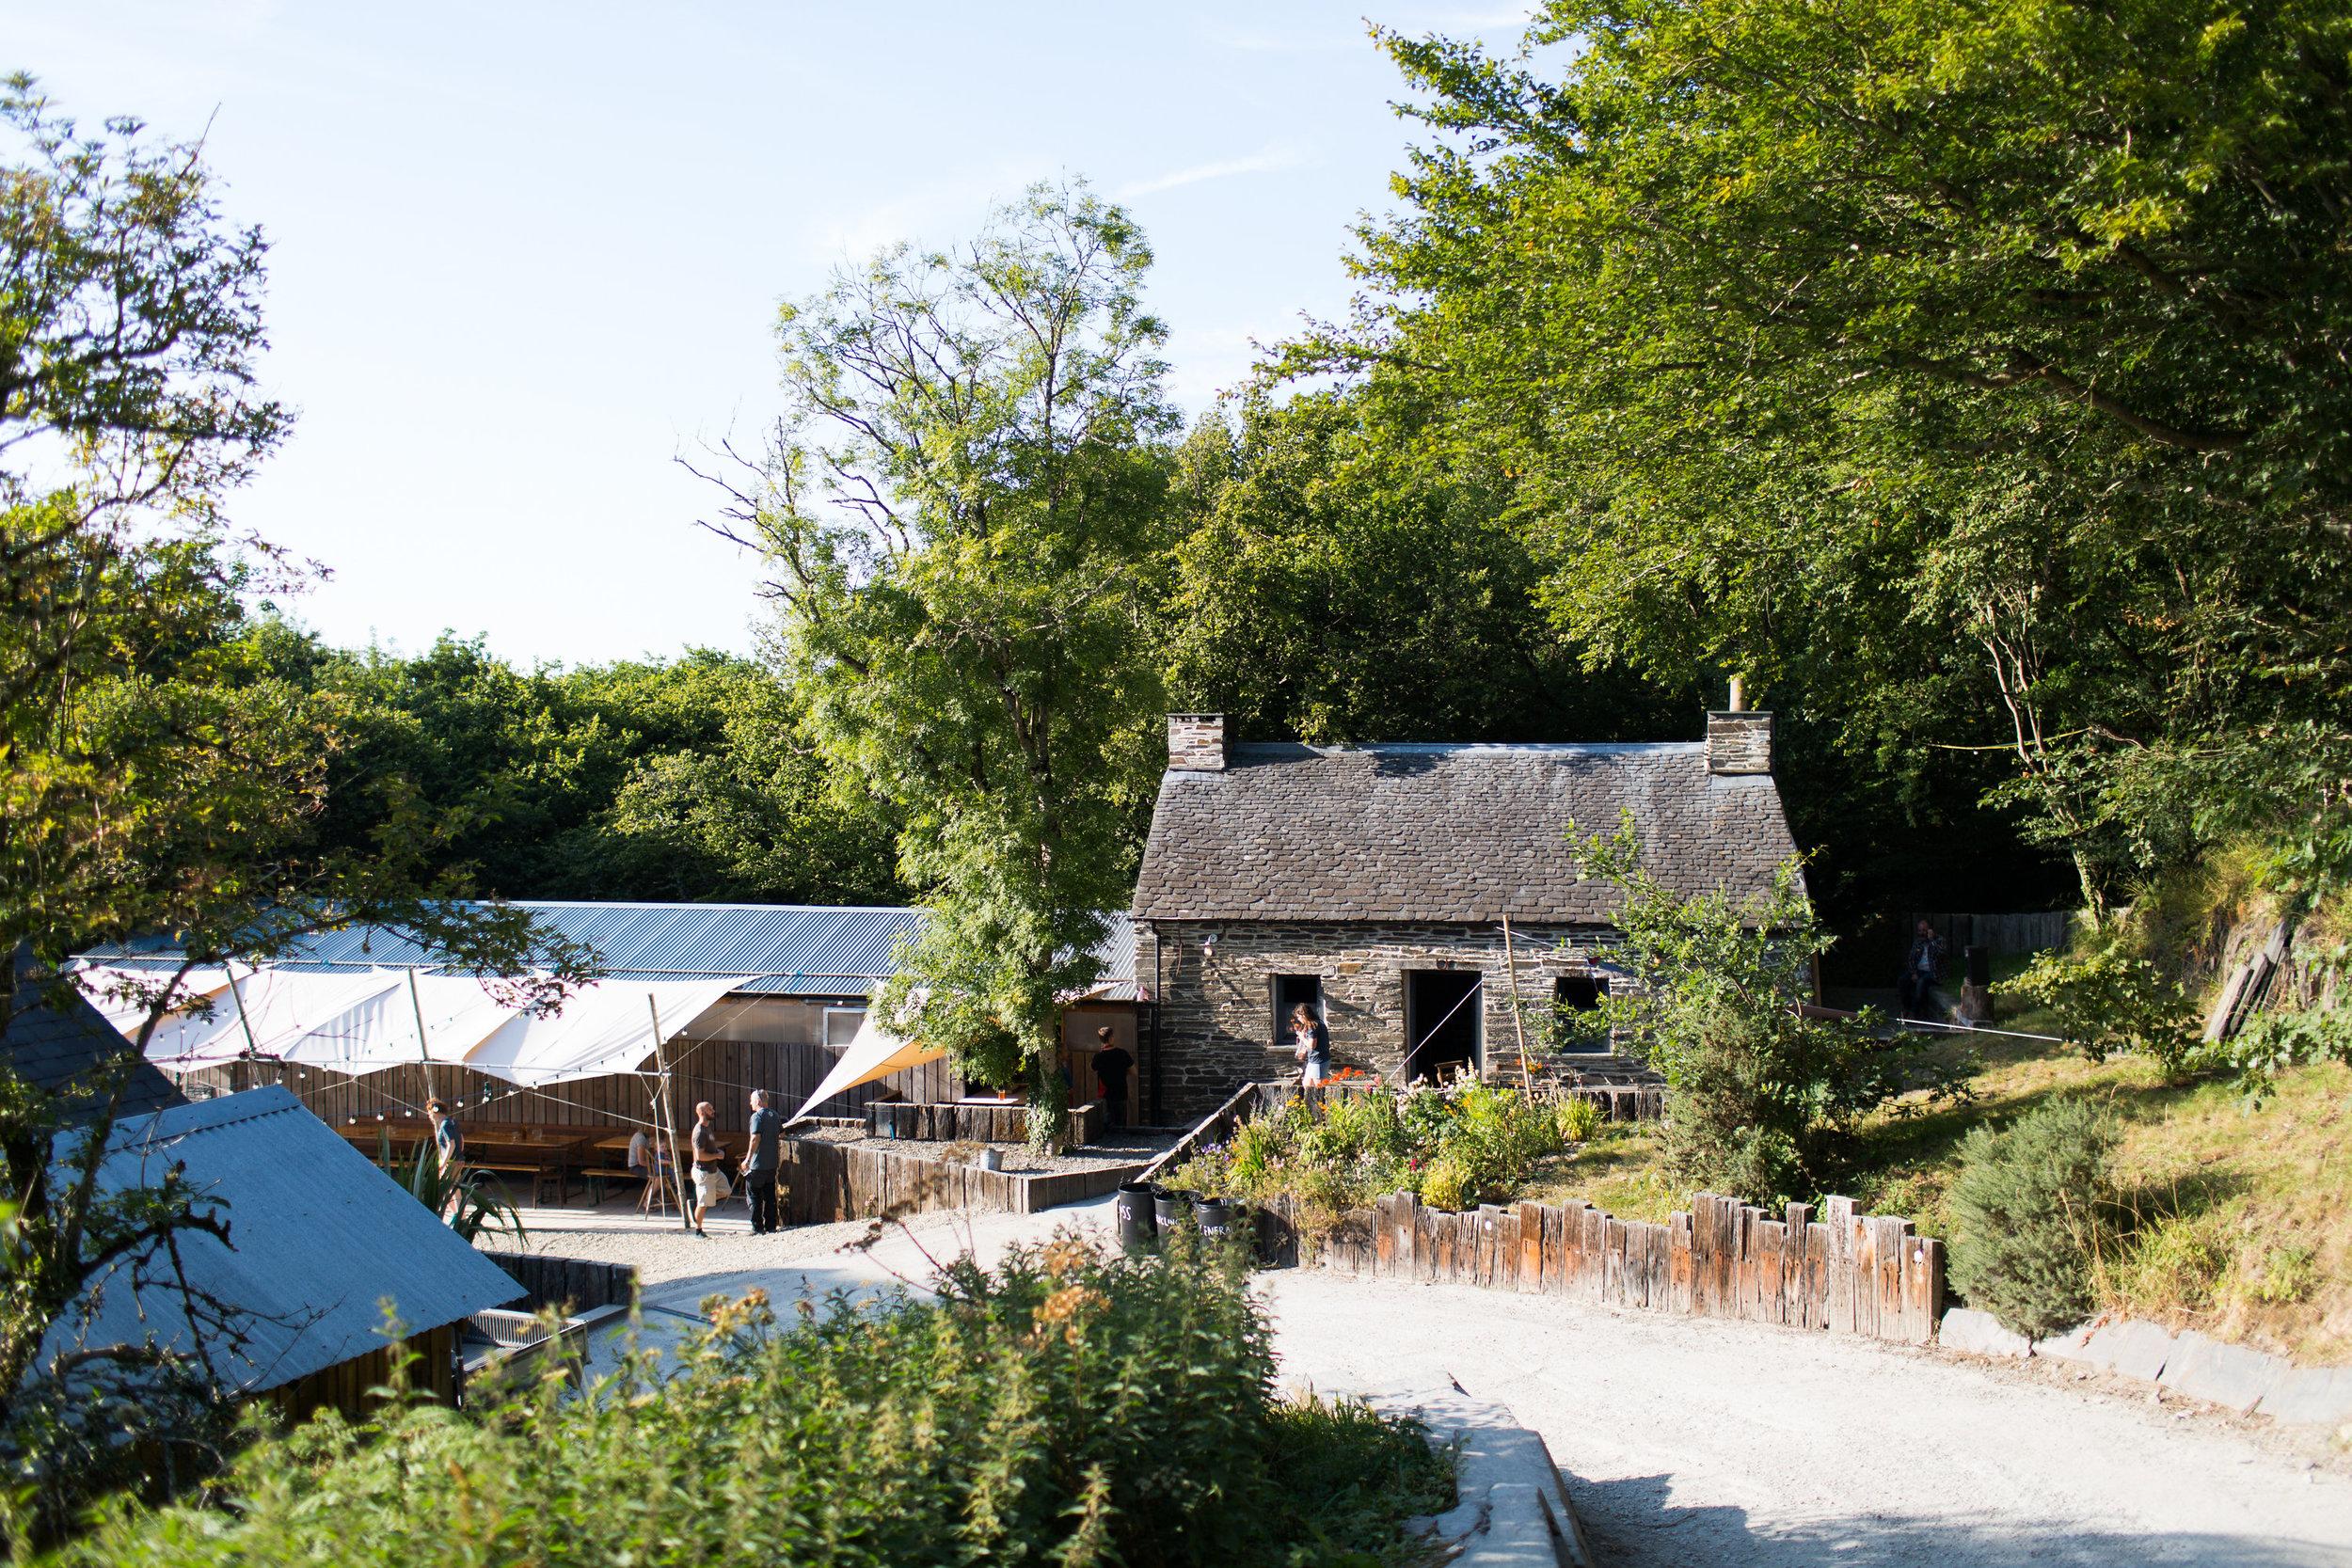 The Bwthyn pub